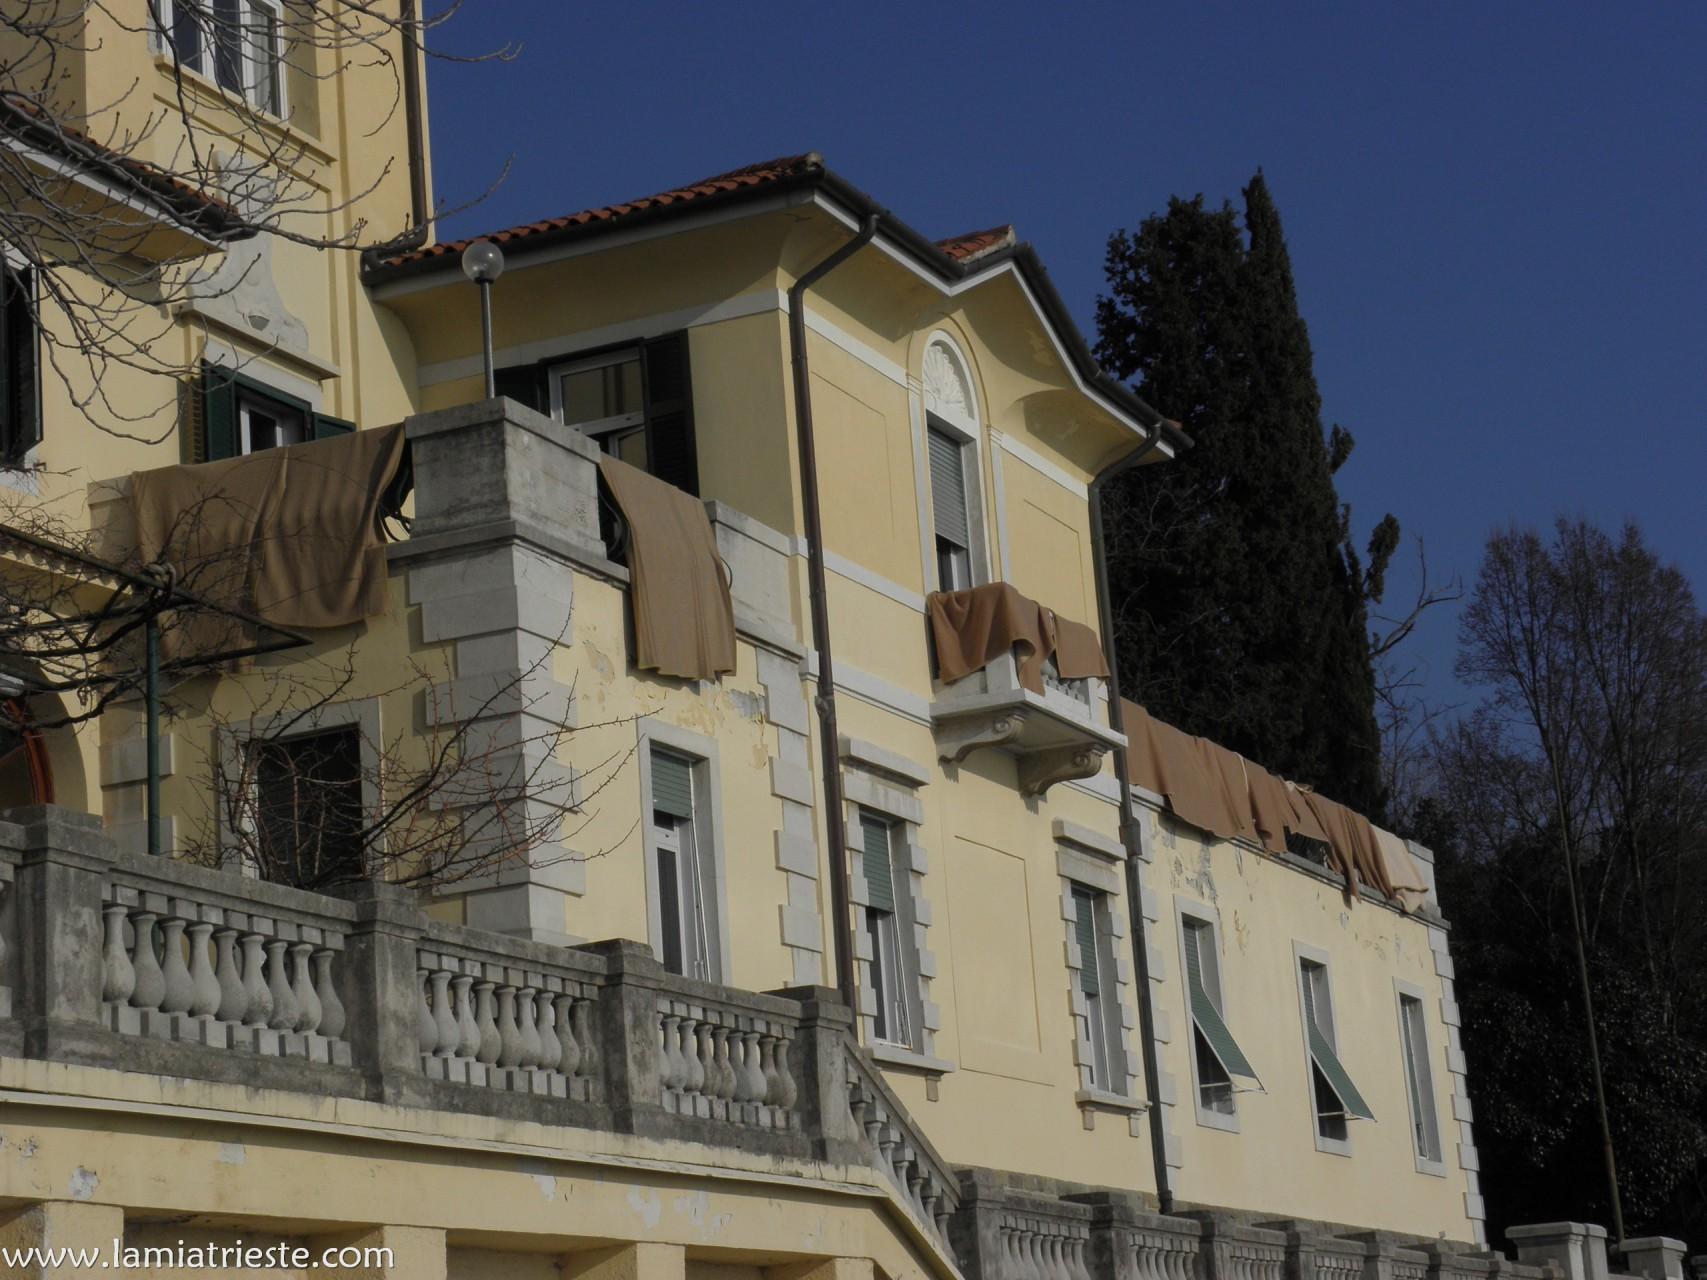 Ostello Tergeste La Mia Trieste